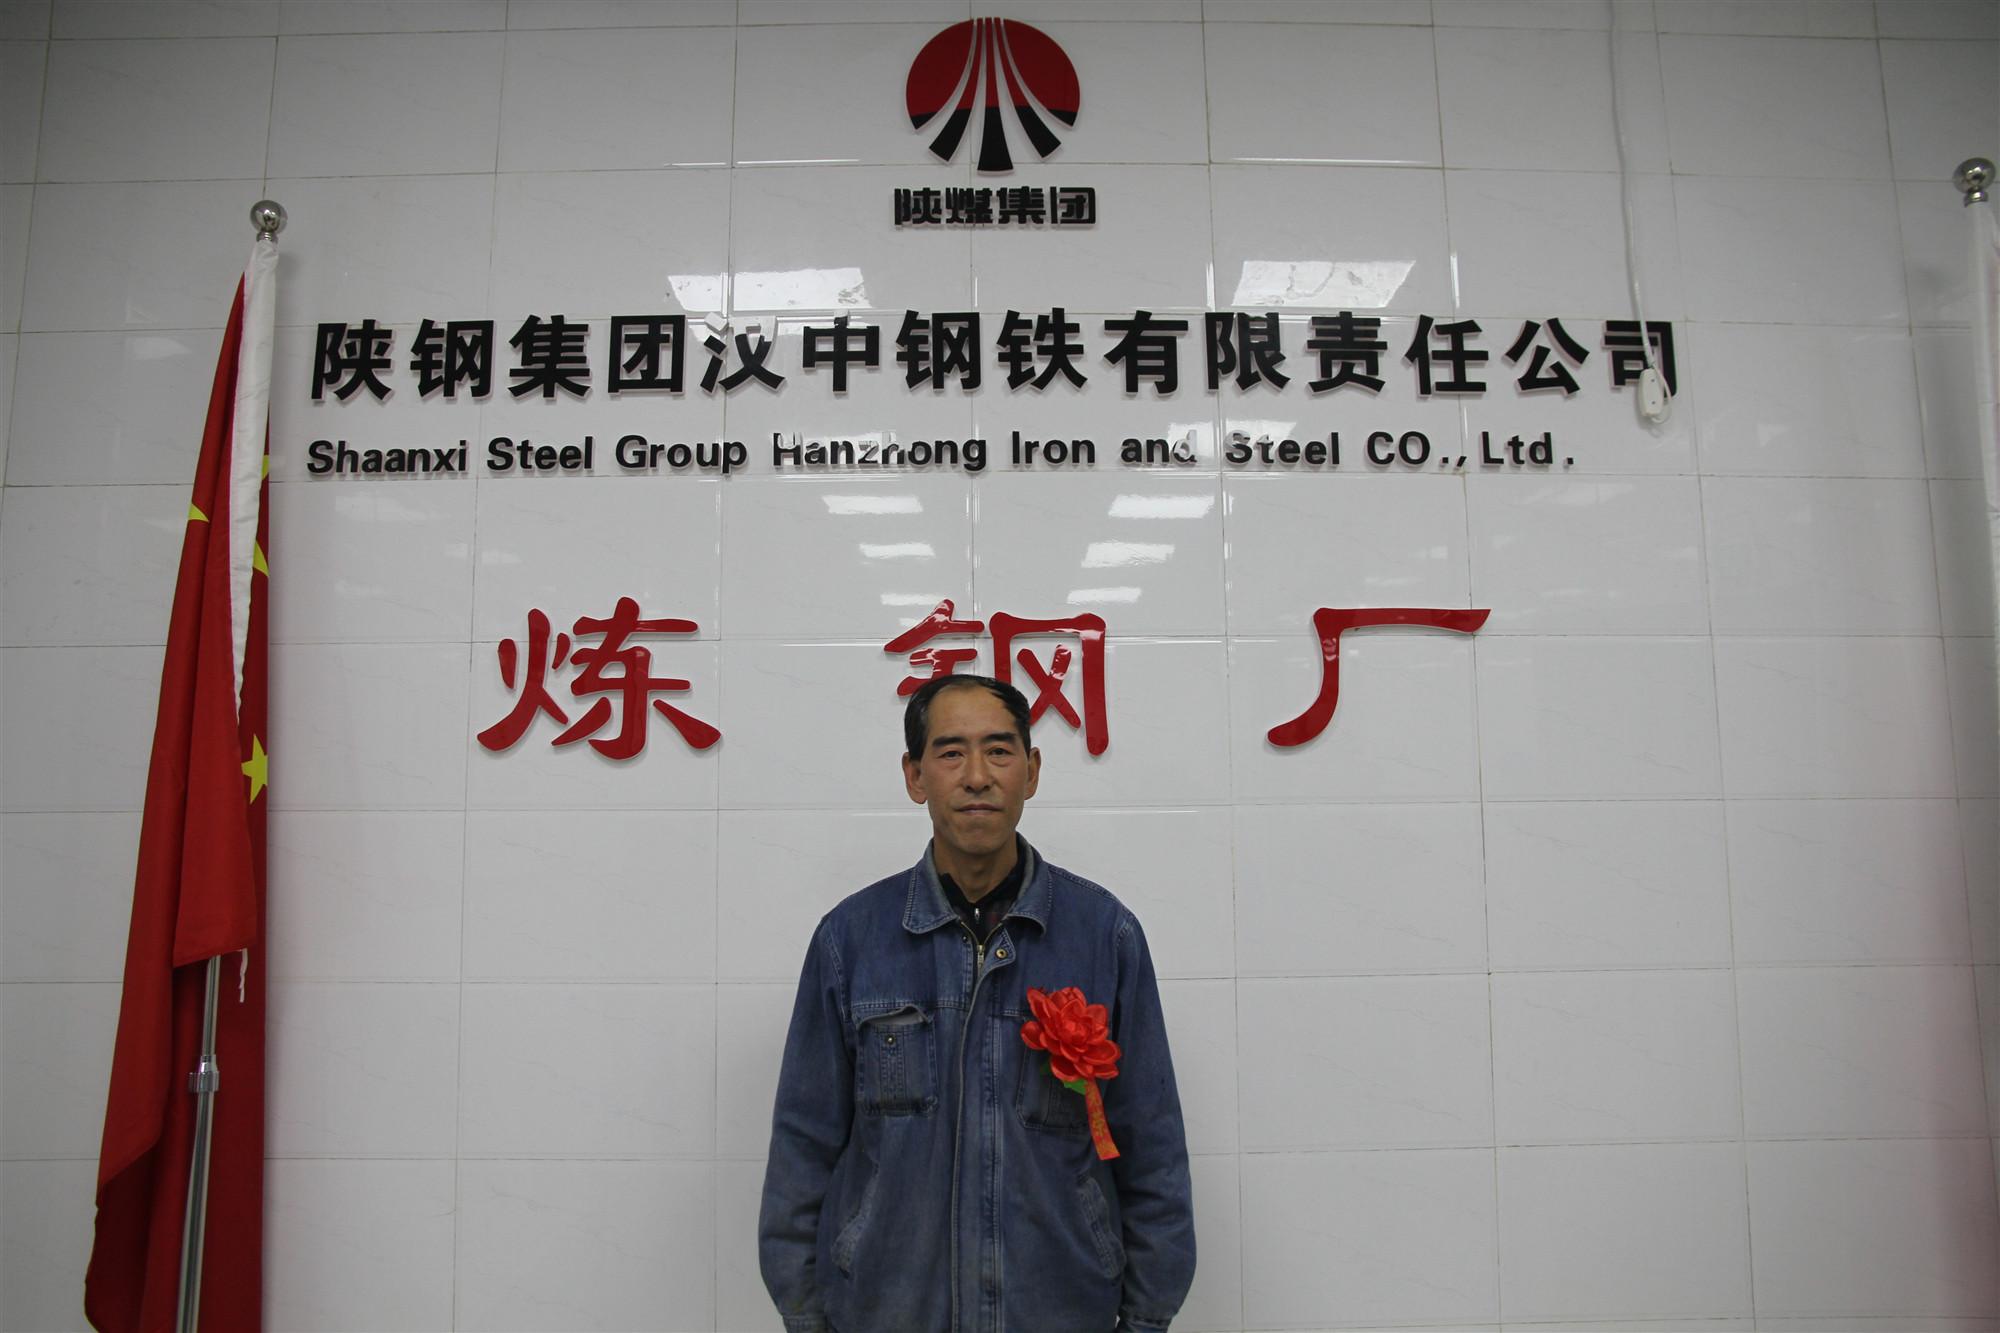 【一线风采】炼钢工匠老唐 ---记炼钢厂原料车间混铁炉原大班长唐志军